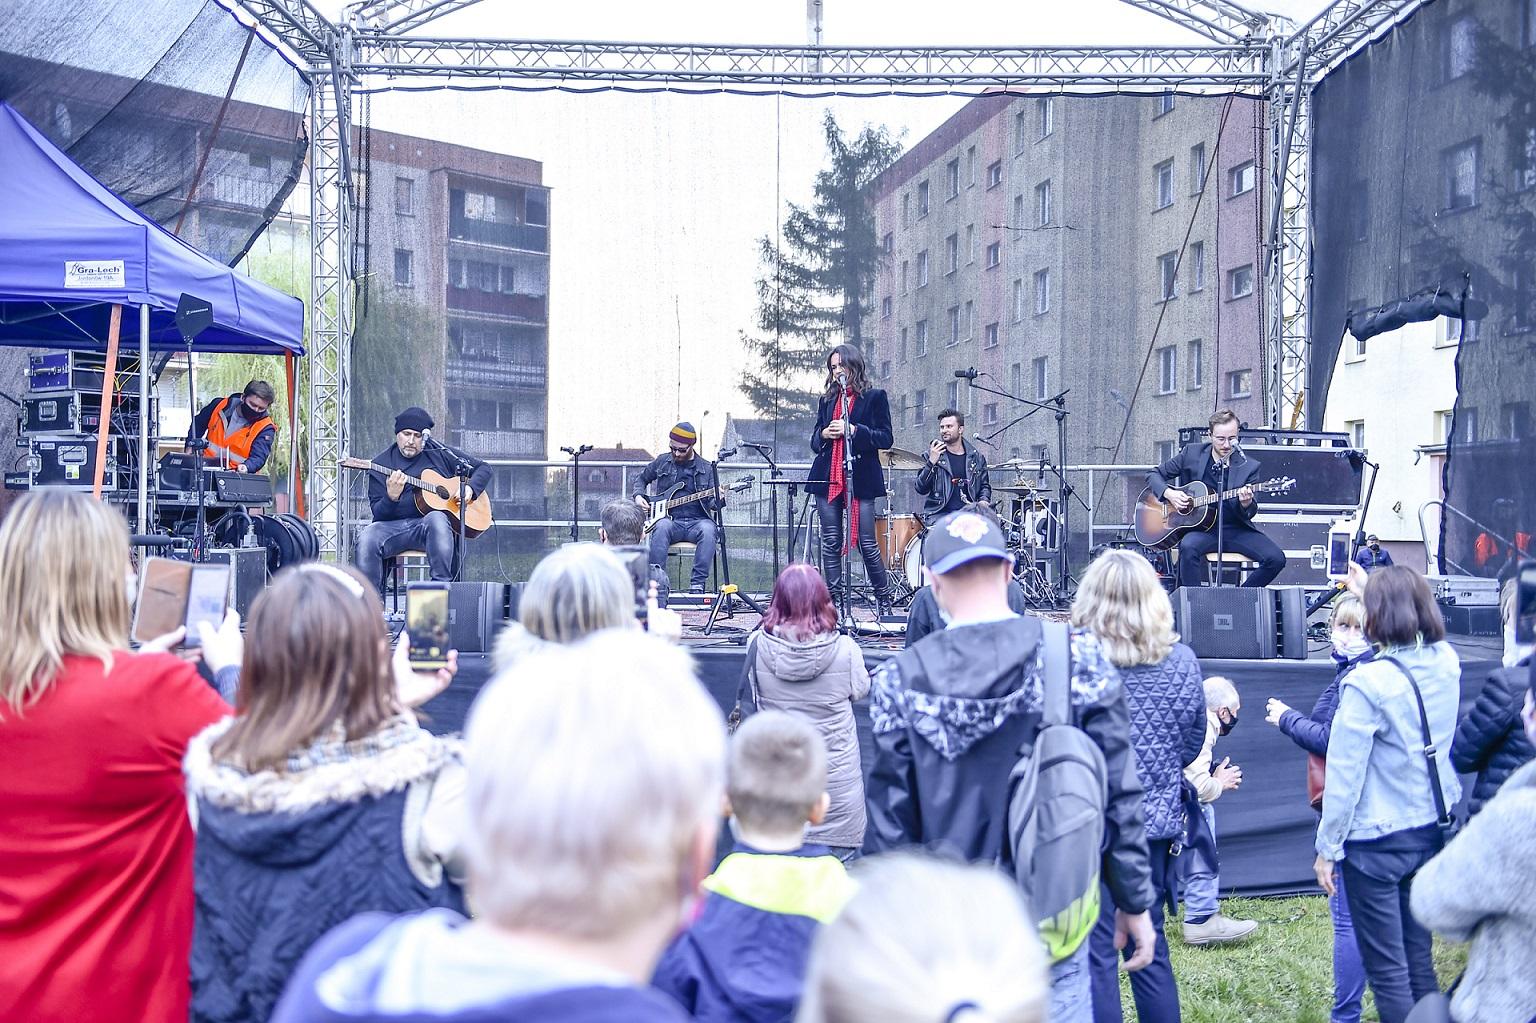 Koncertowanie w Ciechanowie w czasach pandemii koronawirusa, na scenie zagrała Kasia Kowalska.